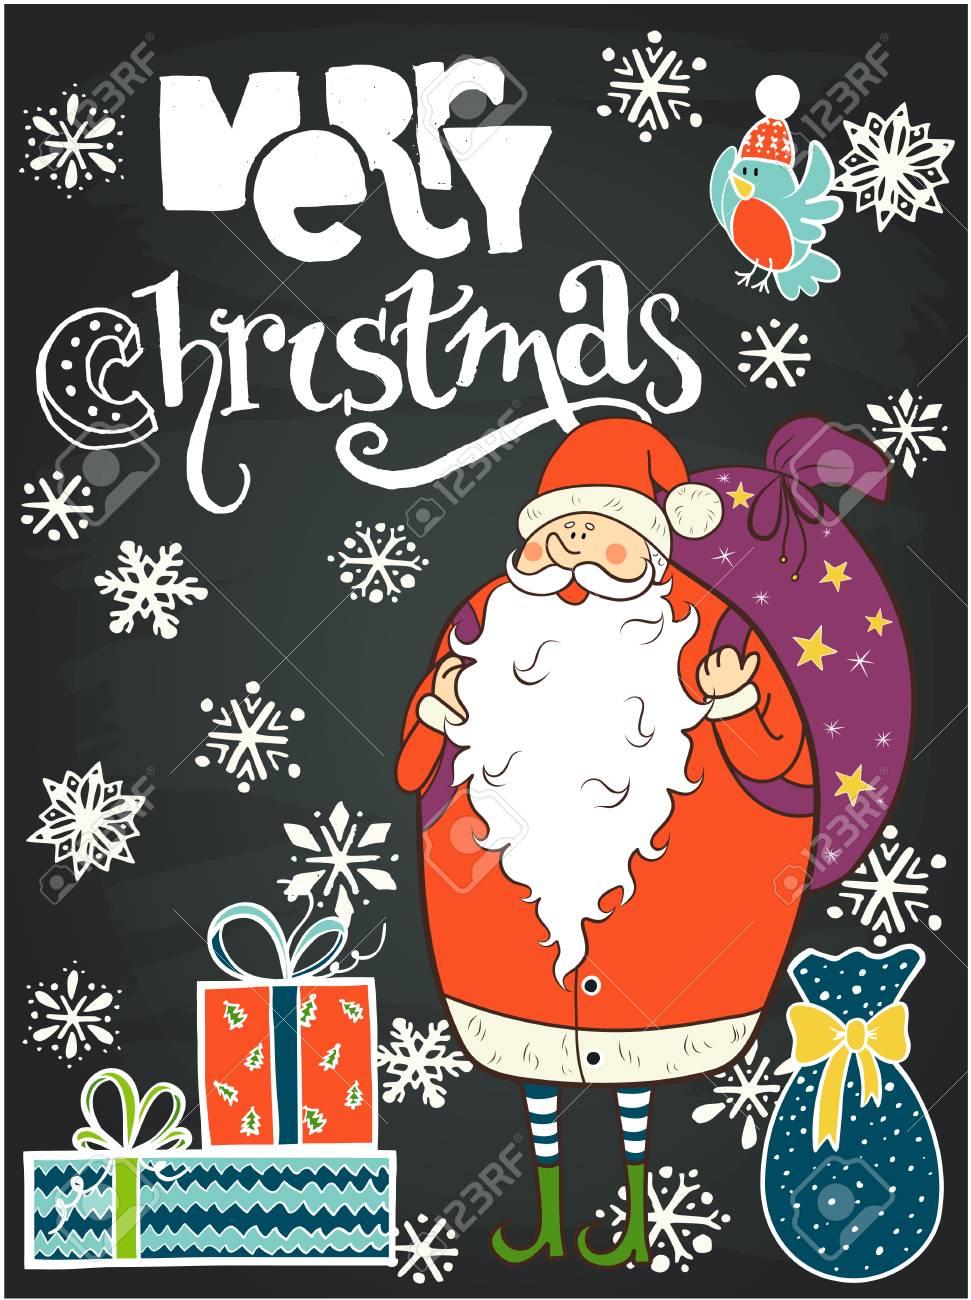 Foto Divertenti Di Buon Natale.Vettoriale Iscrizione Della Mano Di Buon Natale E Divertente